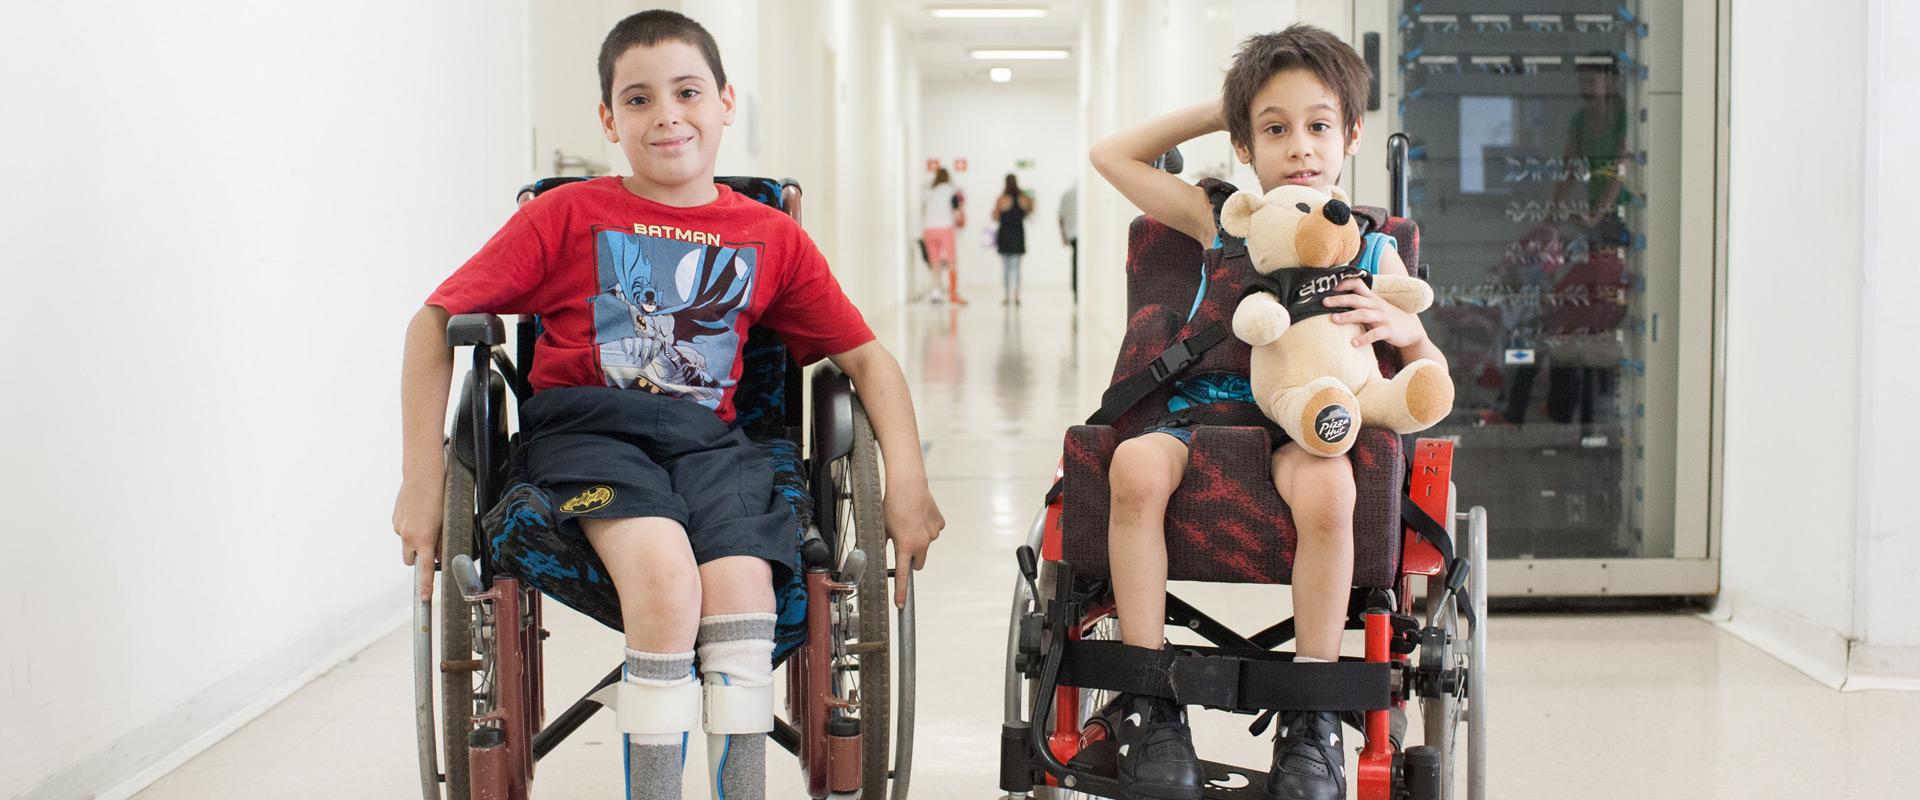 Dois meninos em cadeiras de rodas